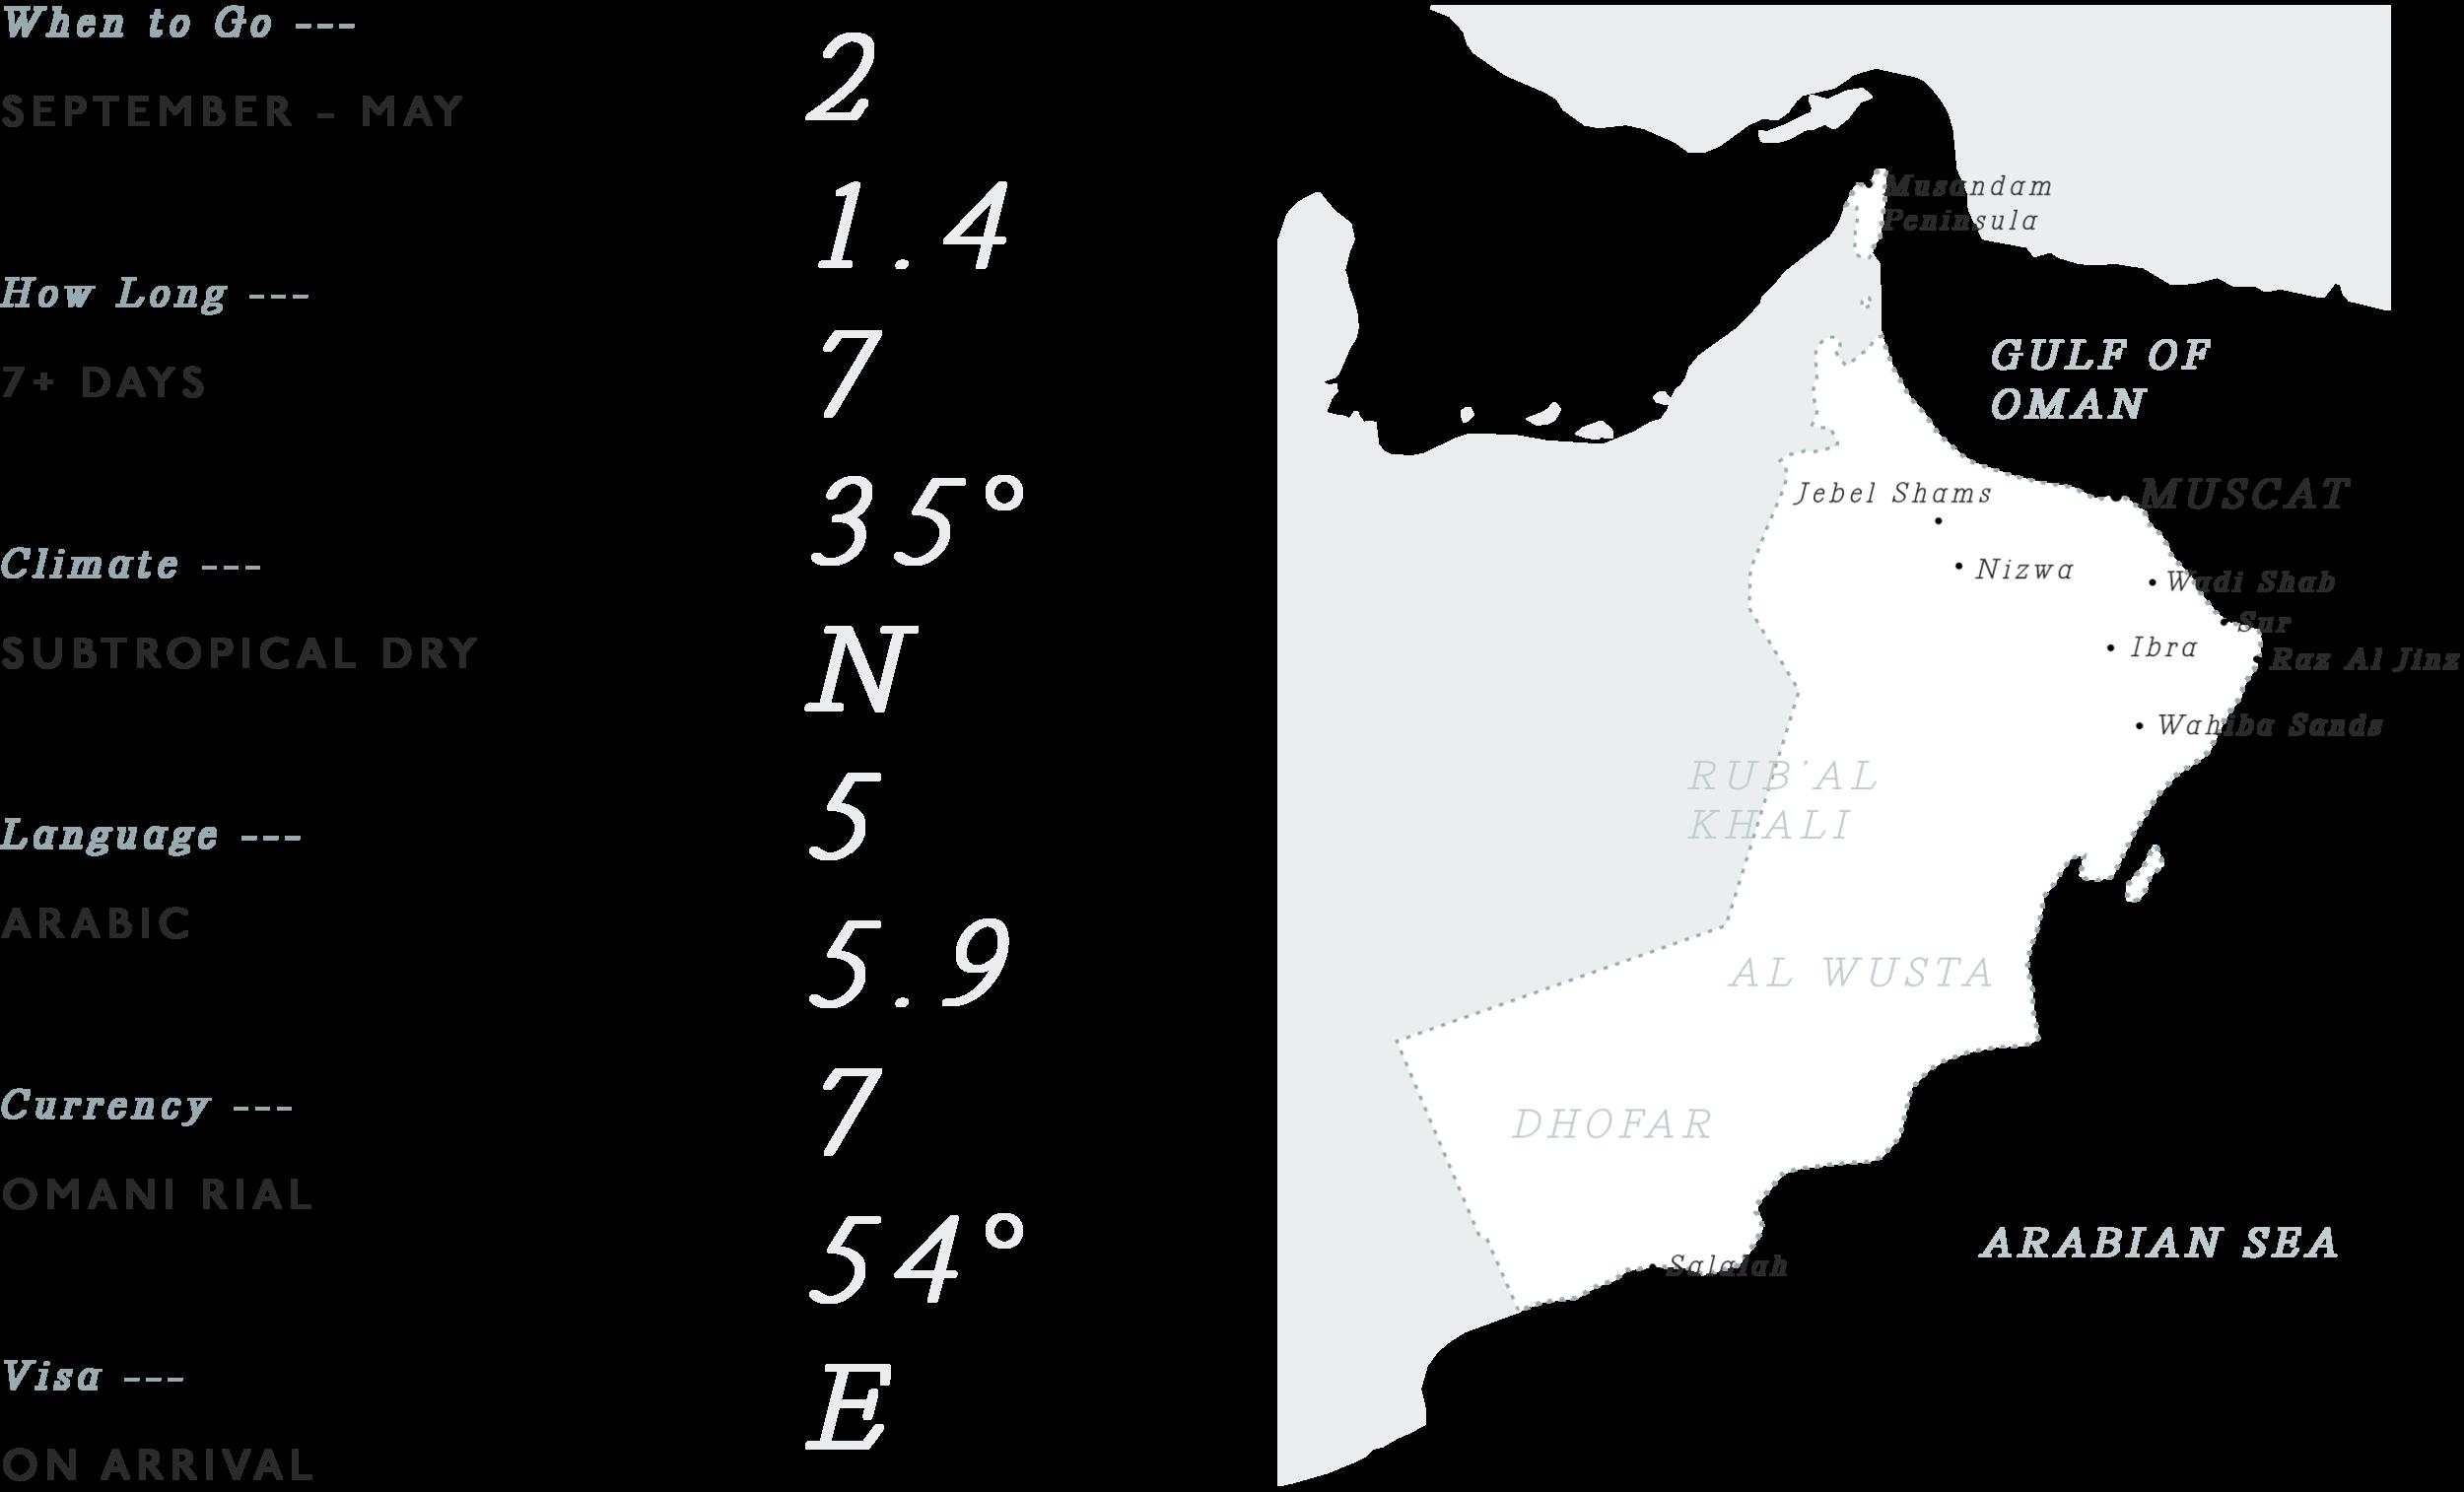 Oman 300dpi.png